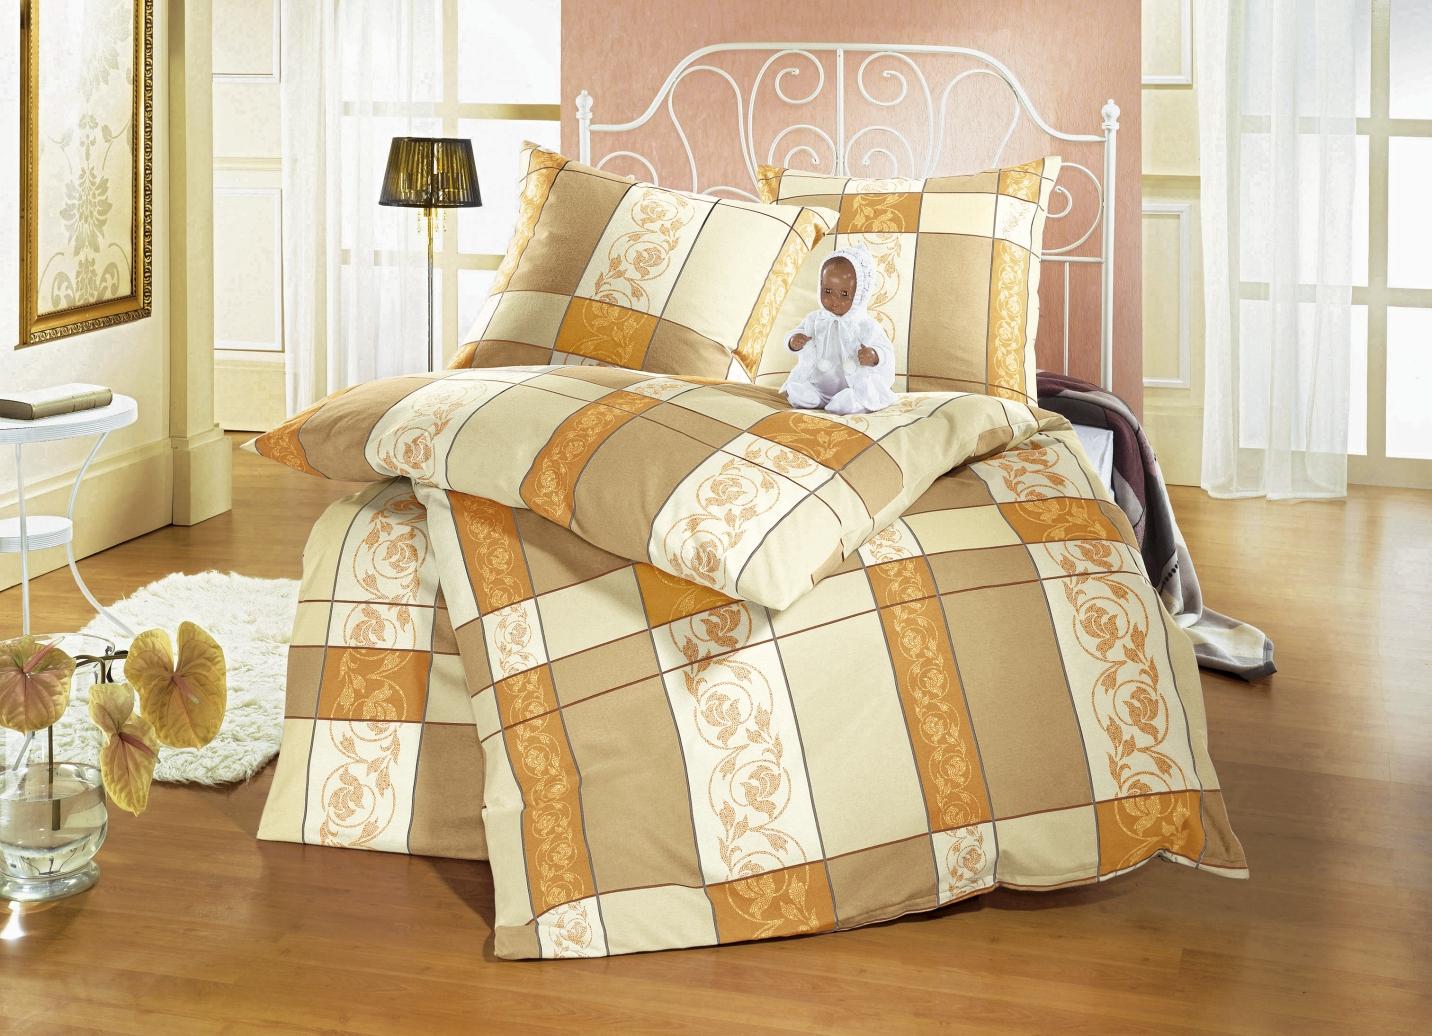 bierbaum bettw sche garnitur verschiedene farben und qualit ten farben bettw sche bader. Black Bedroom Furniture Sets. Home Design Ideas